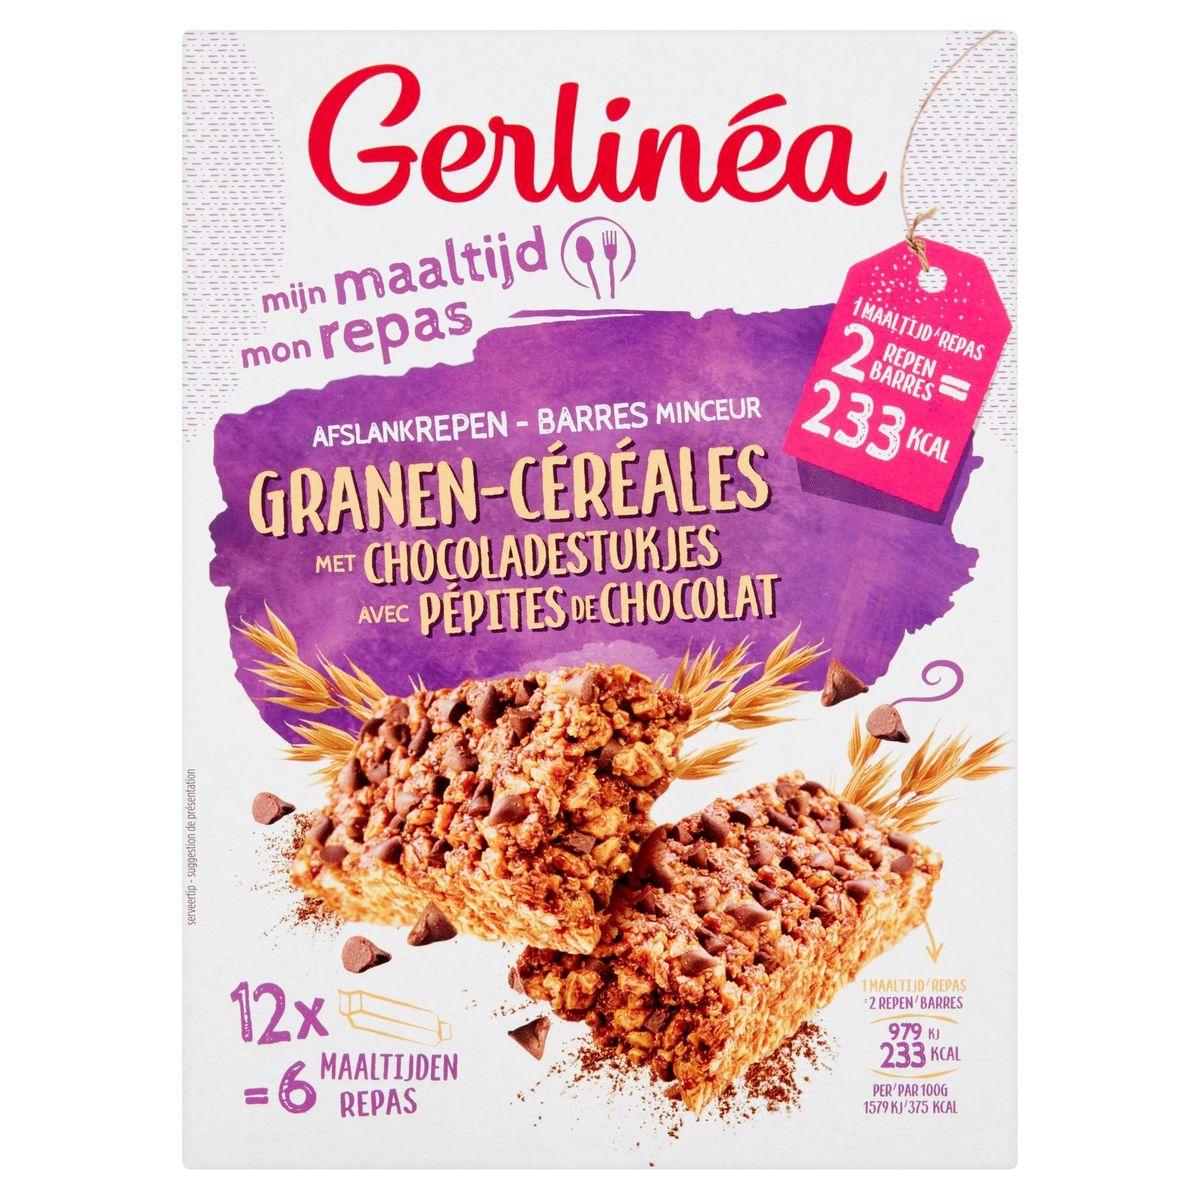 Gerlinéa Mijn Maaltijd Afslankrepen Granen met Chocoladestukjes 12 x 31 g